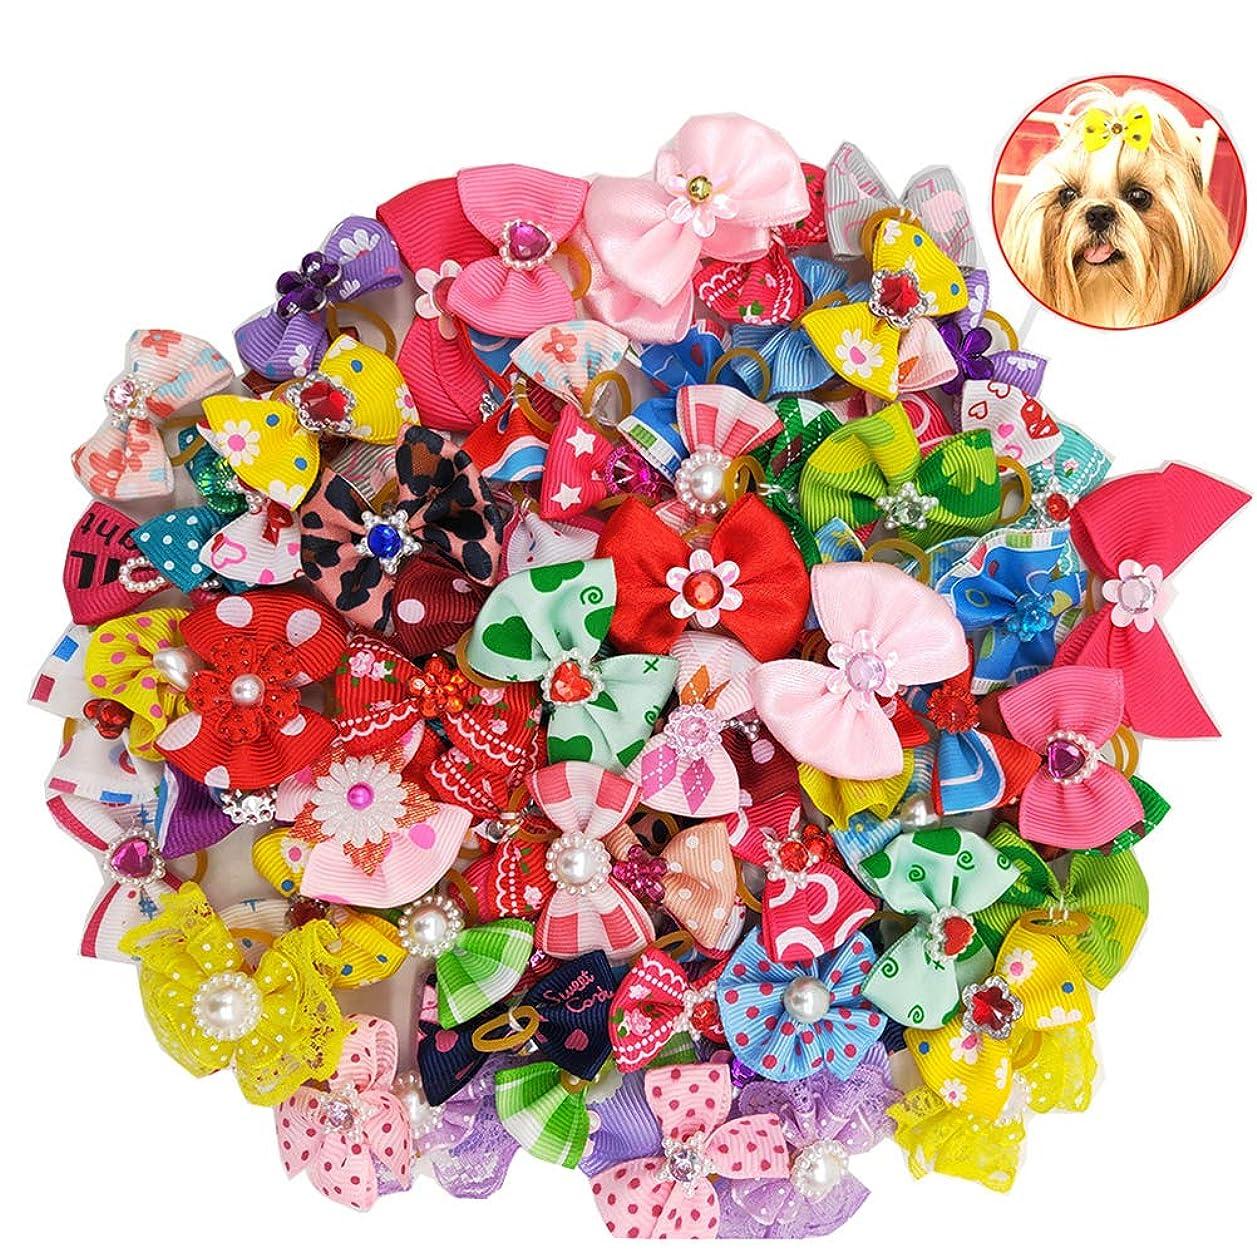 コレクション足光Balacoo 50個入り多色犬の髪の弓とゴムバンド弾性髪のバンドちょう結び帽子の帽子猫の犬のための(混合色)